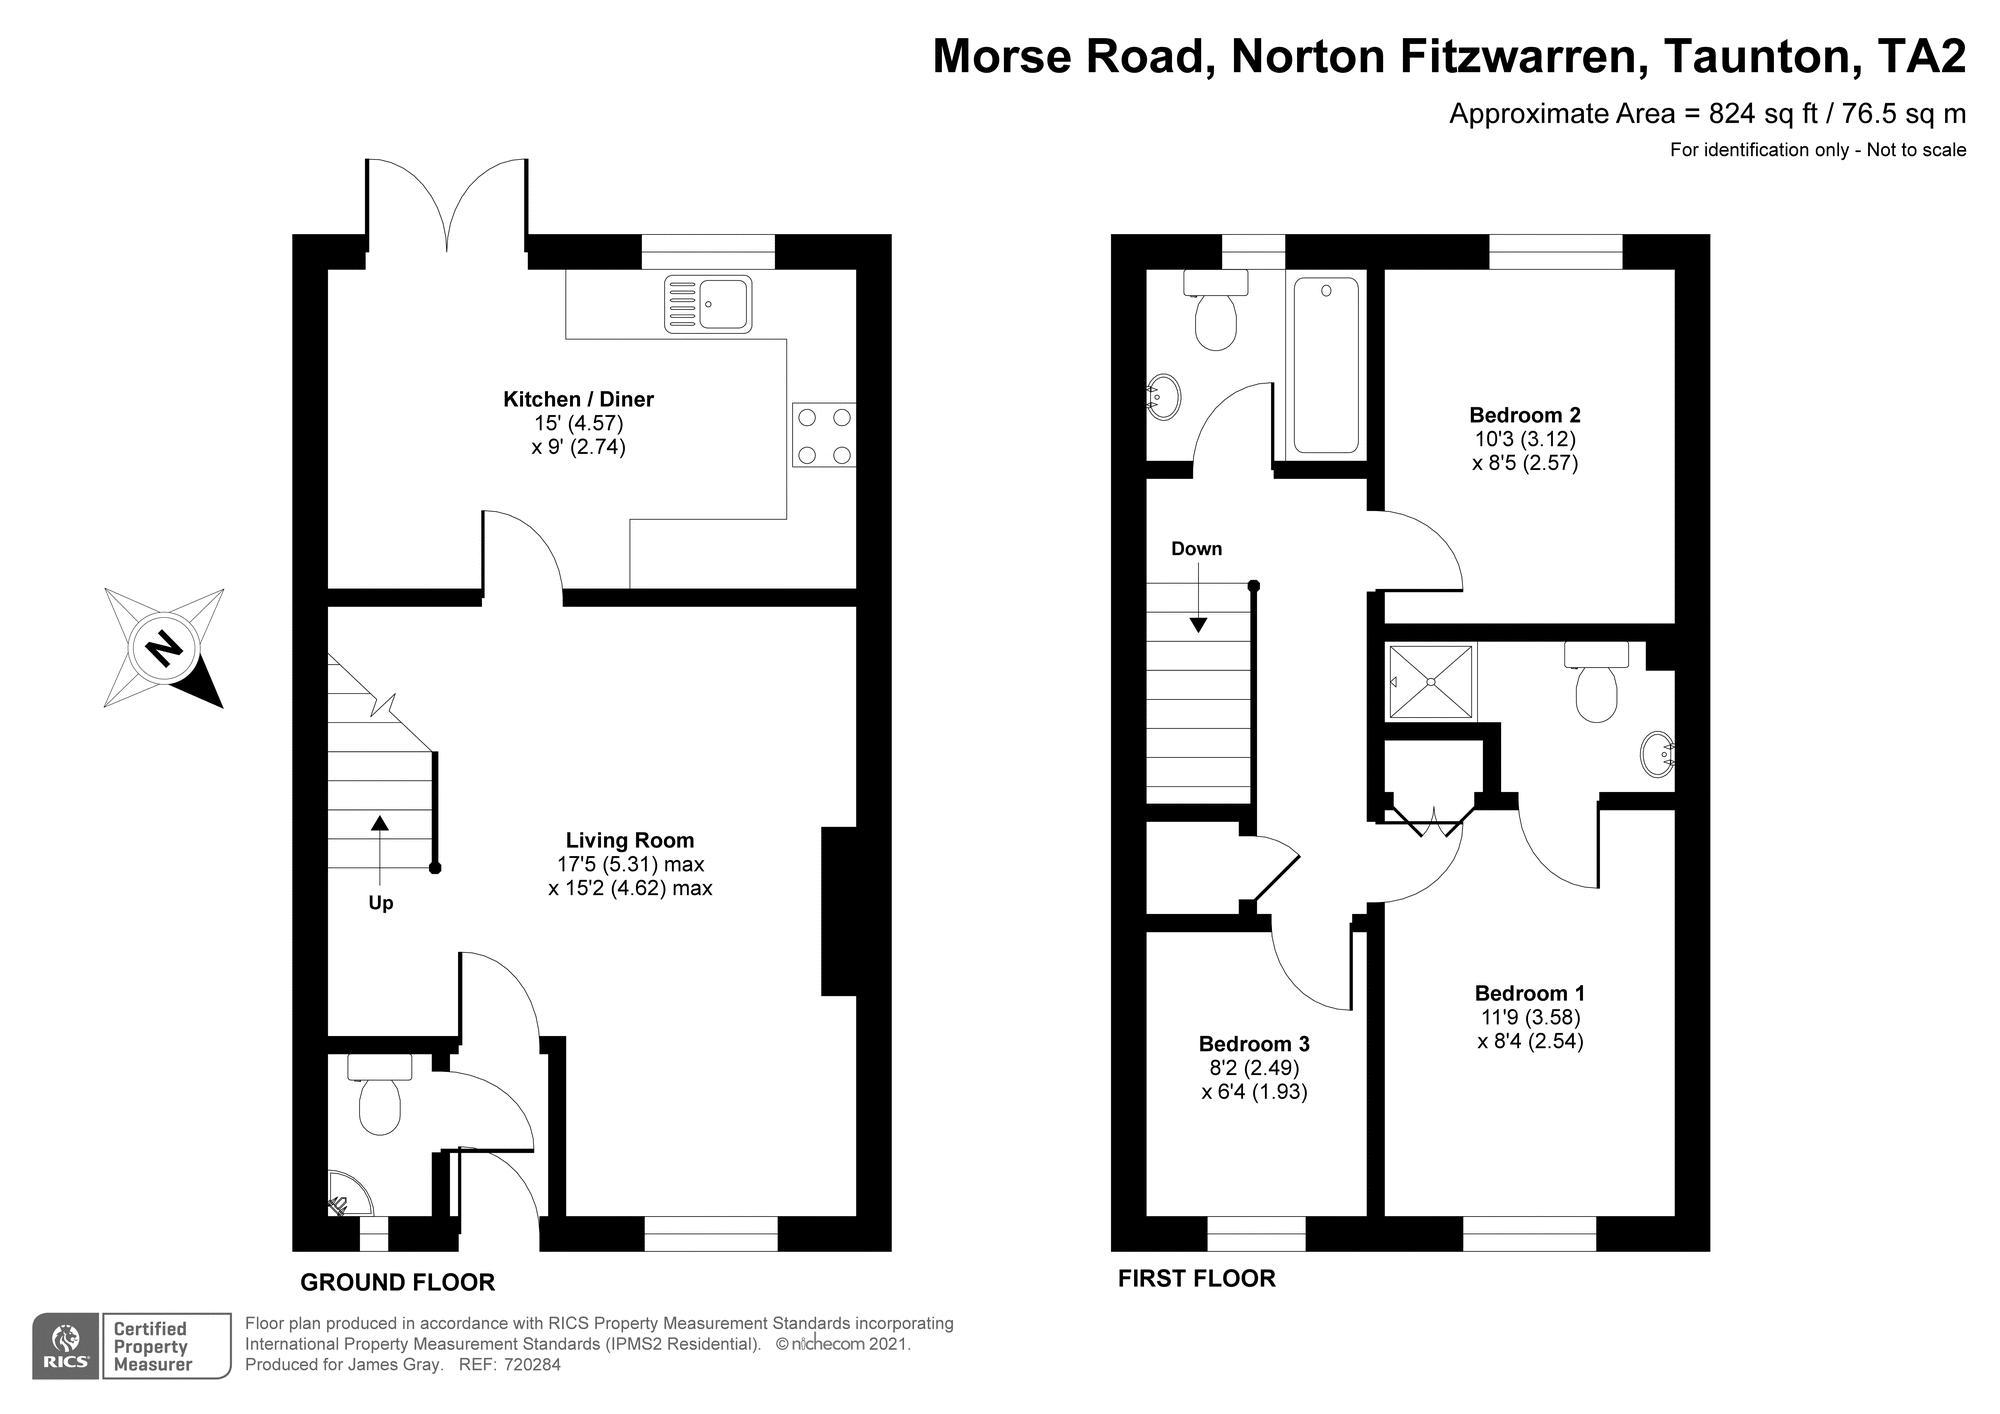 Morse Road Norton Fitzwarren